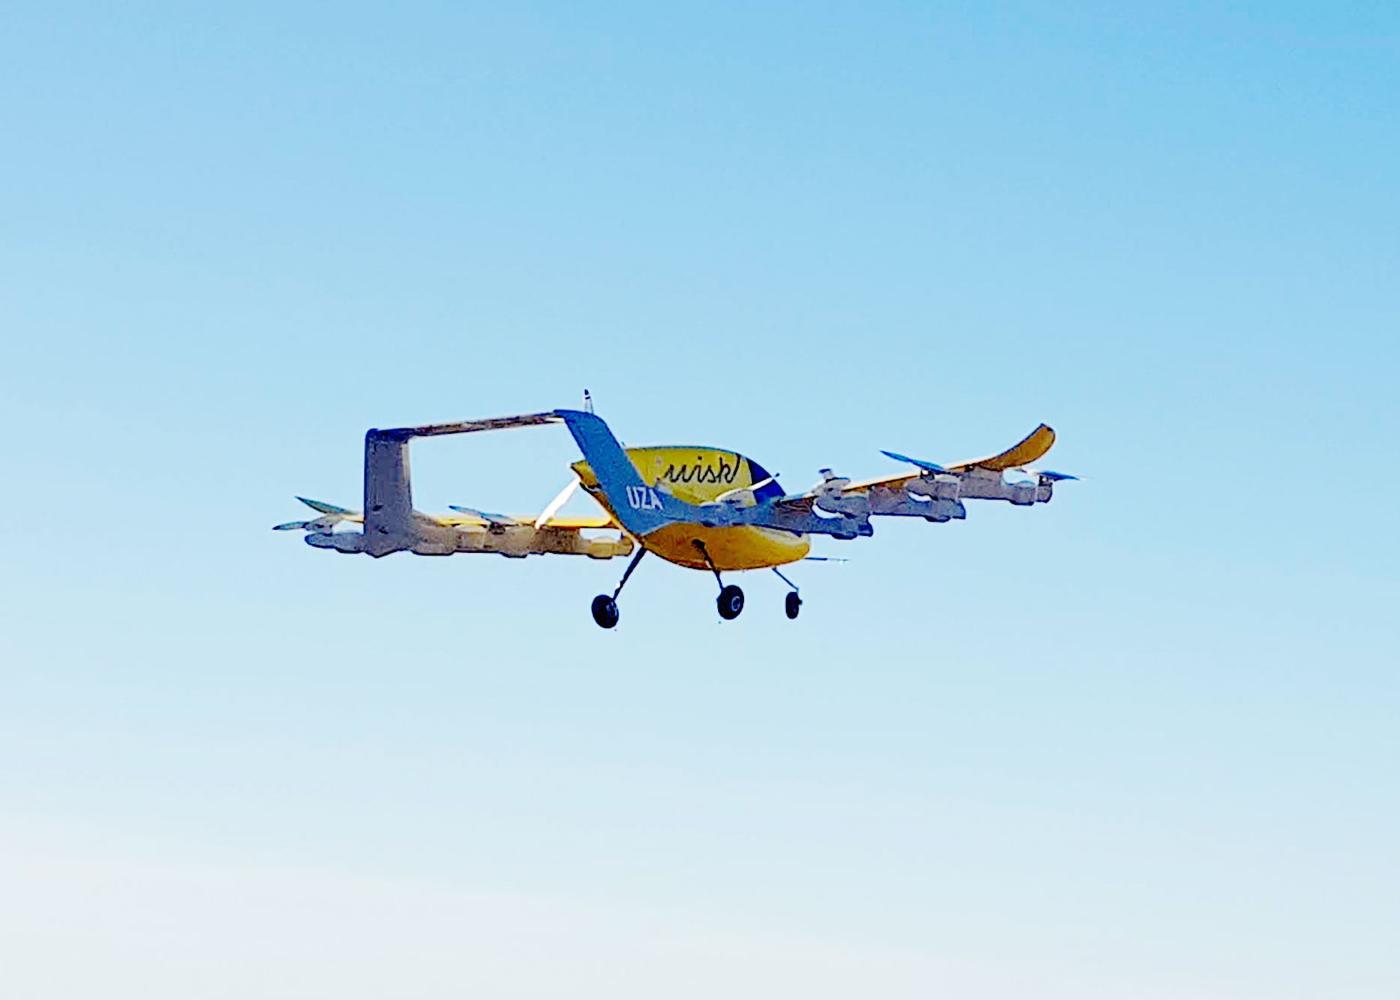 Wisk Cora eVTOL in flight